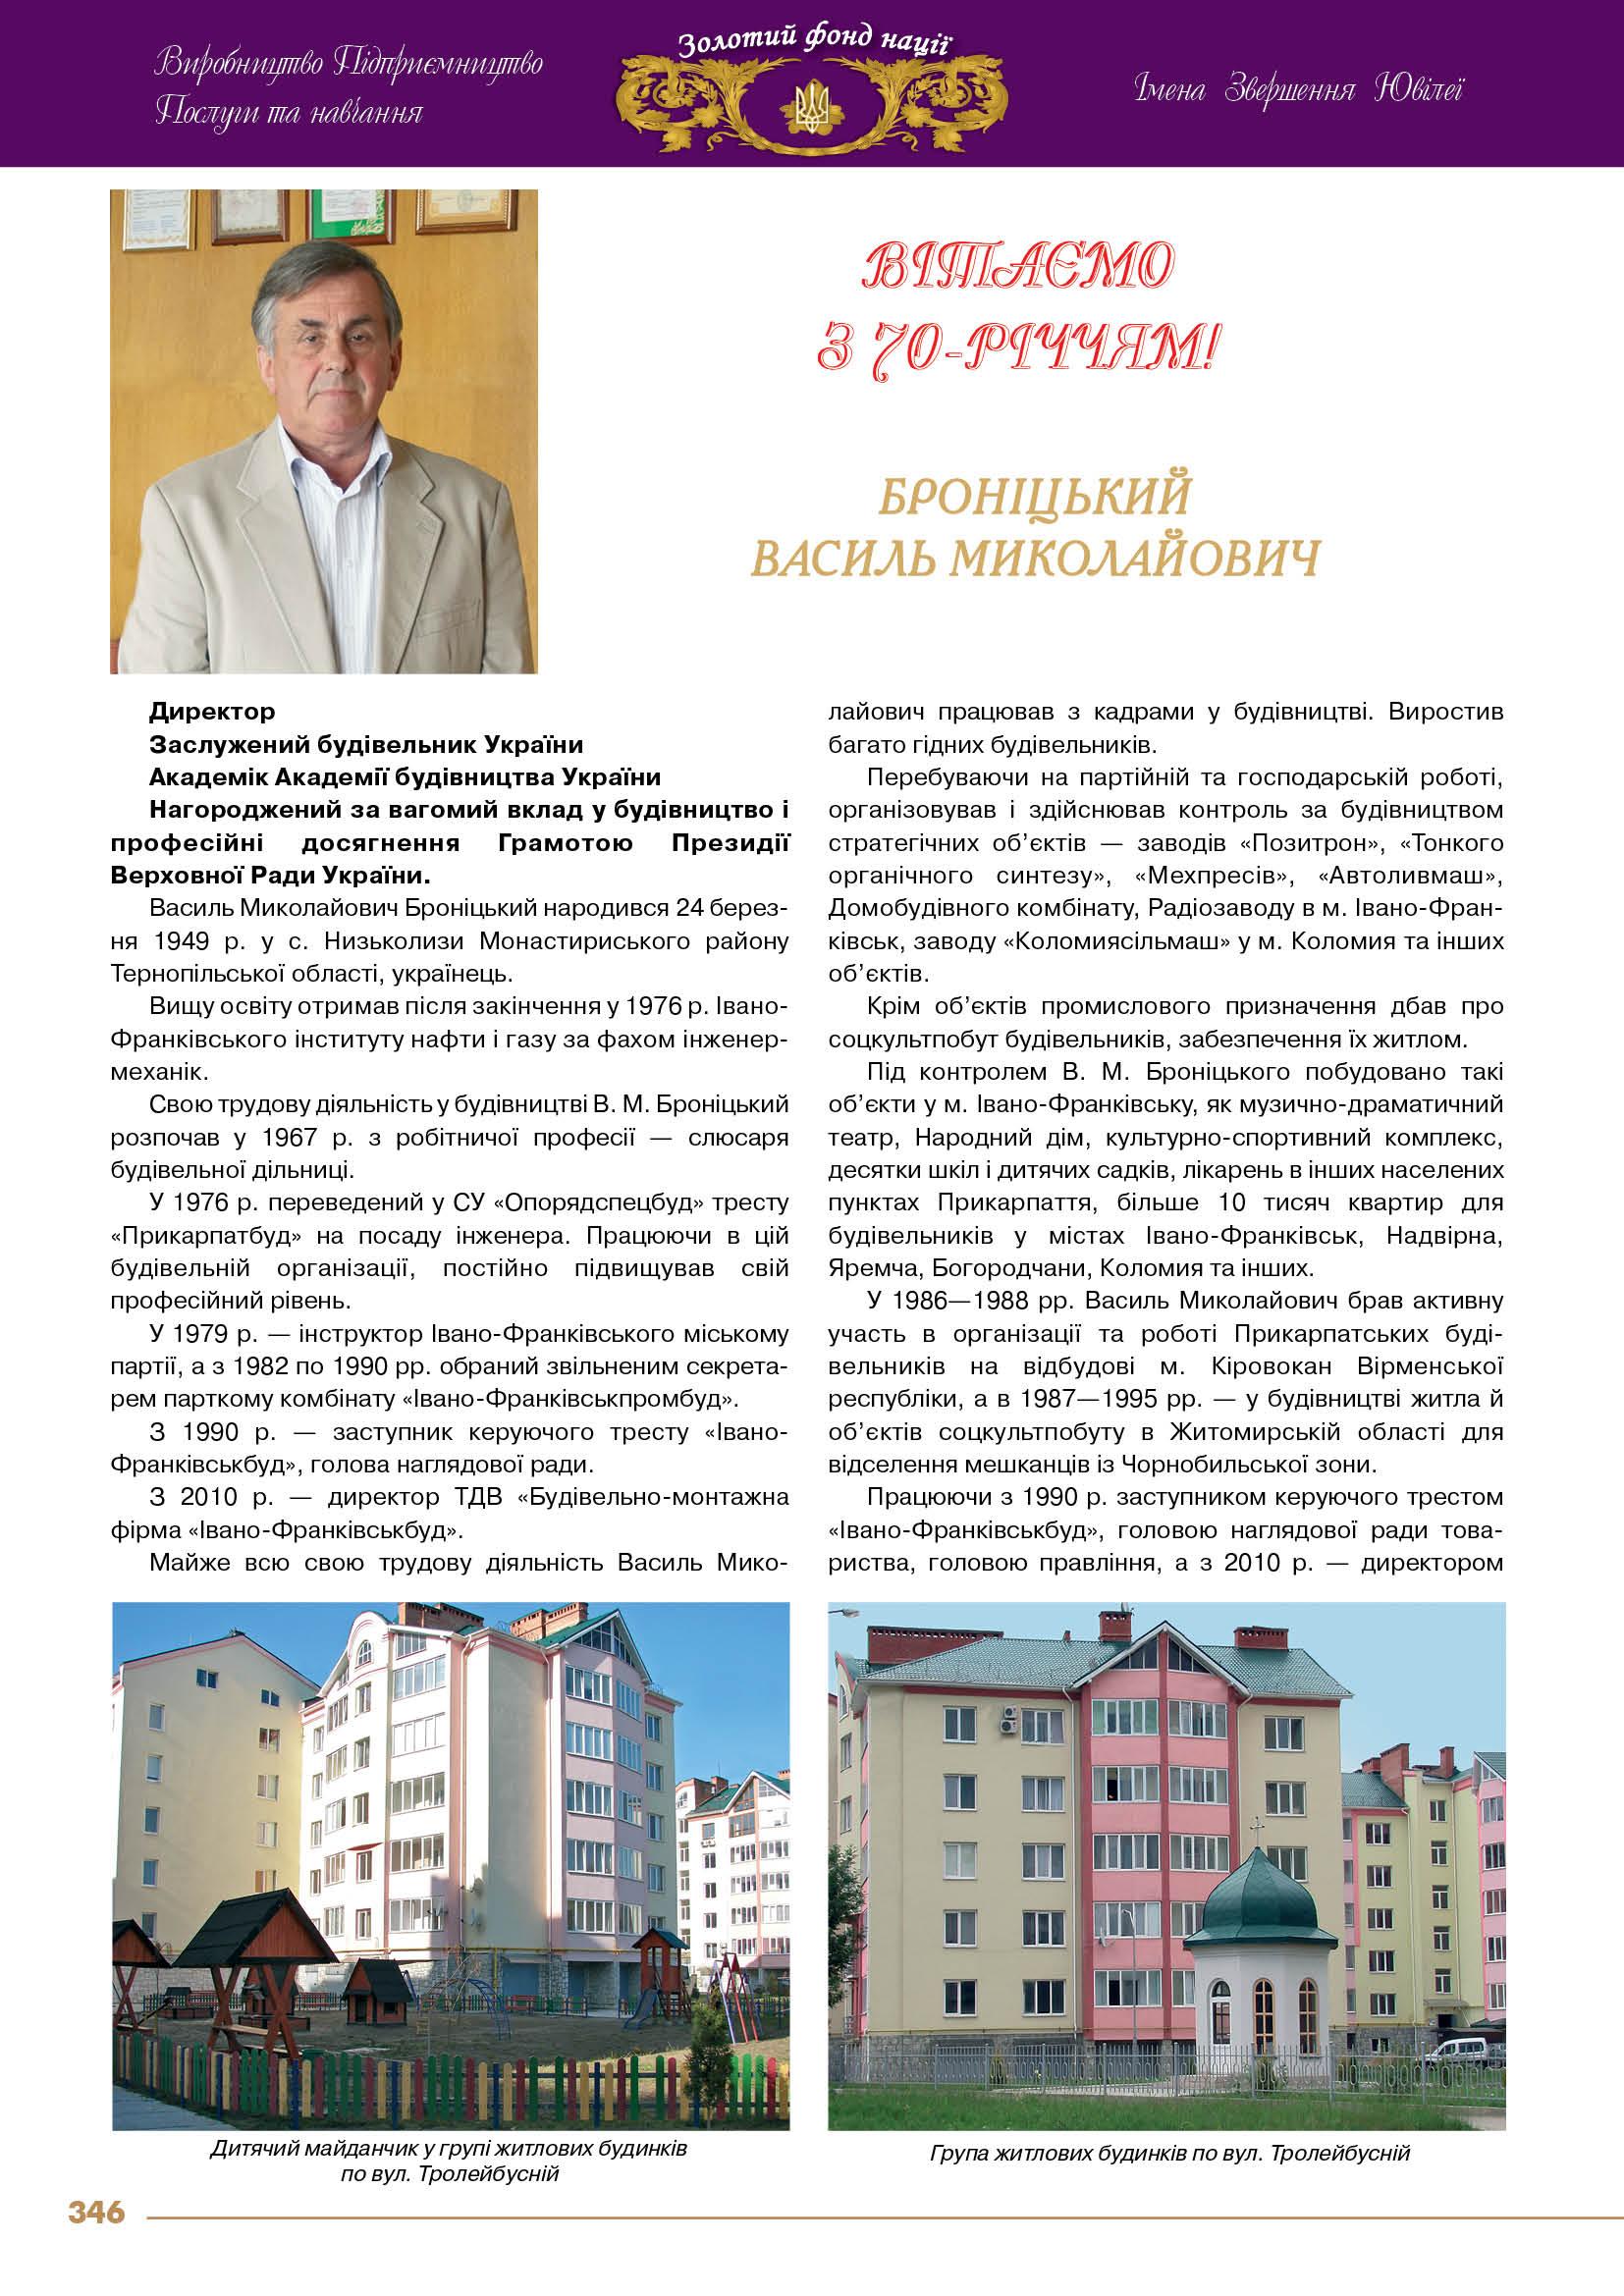 Броніцький  Василь Миколайович